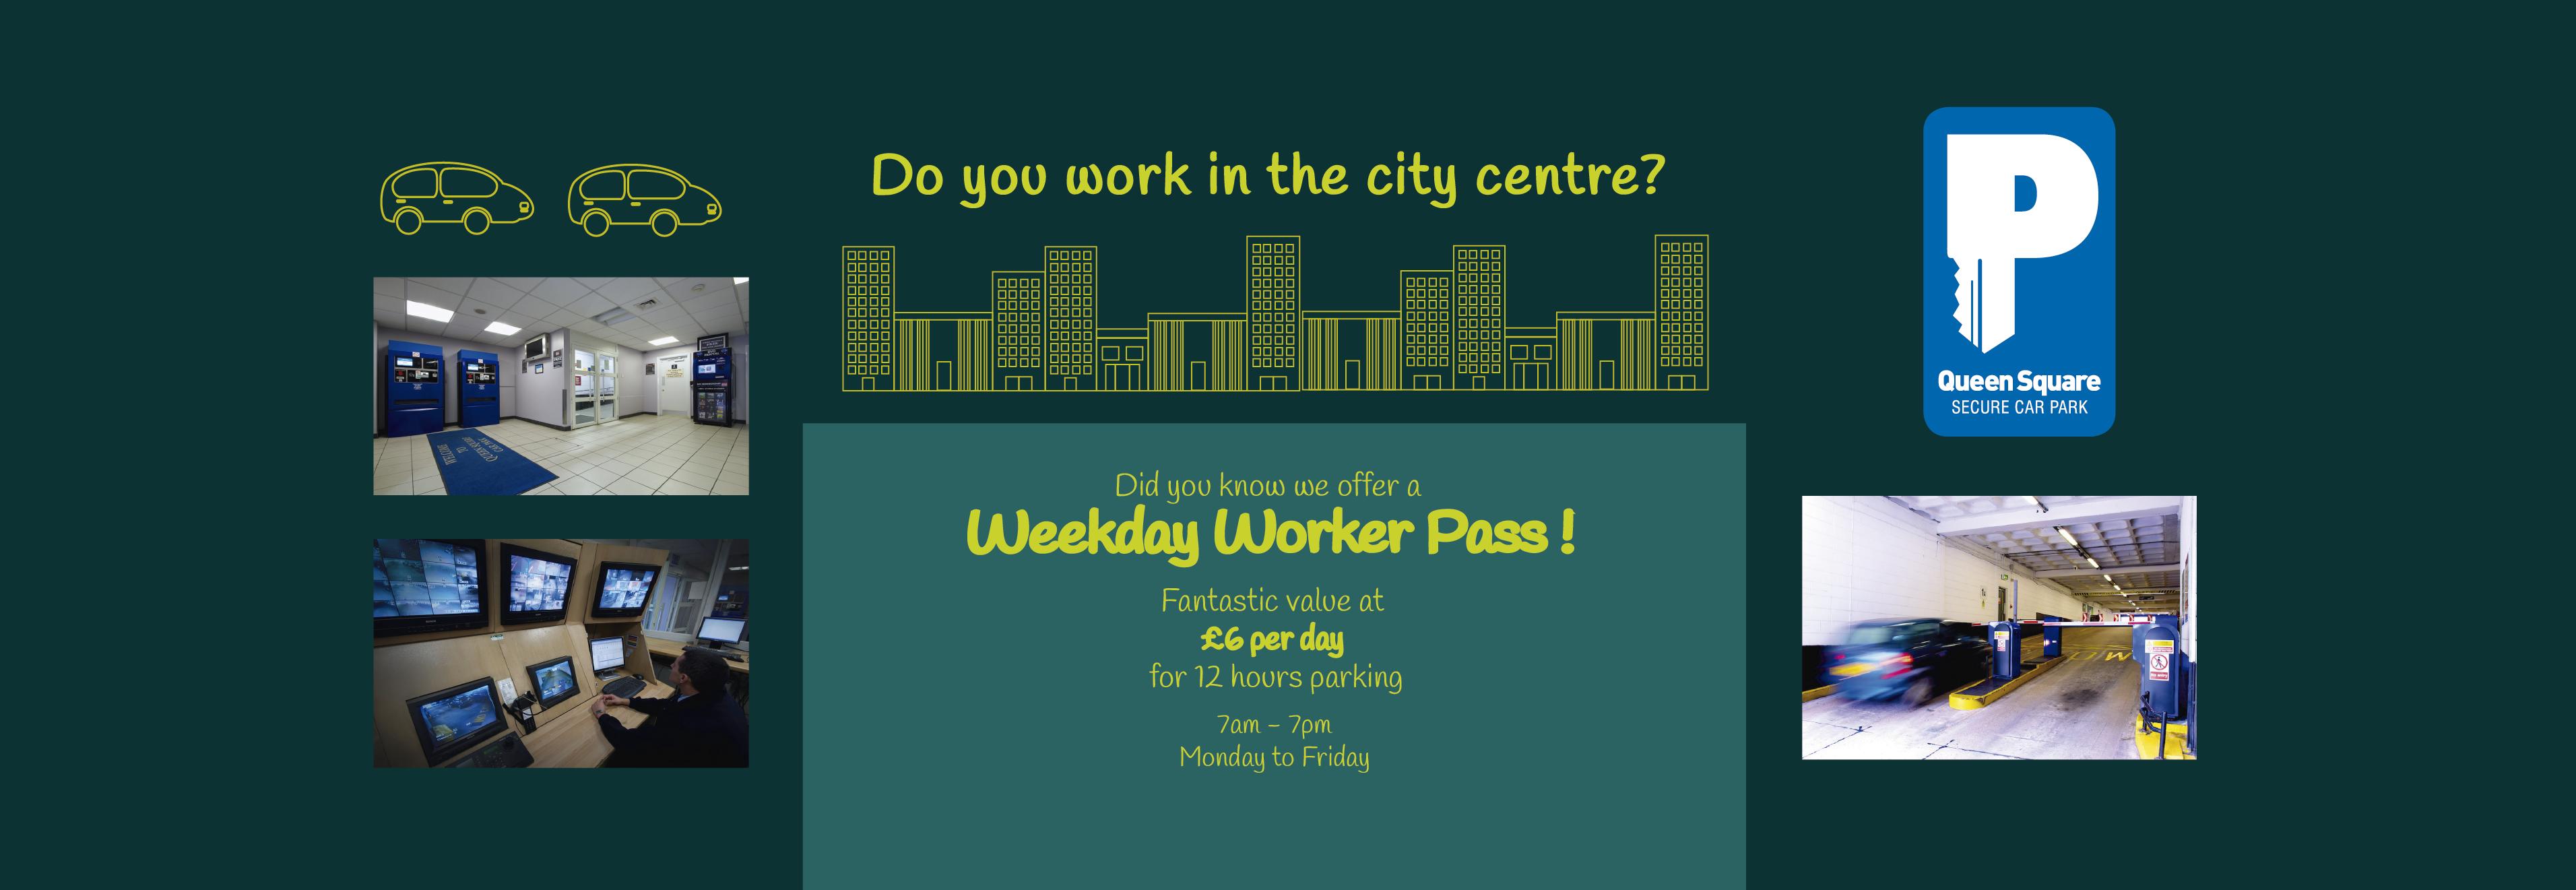 QS-website-960-x-300-Workday-pass2